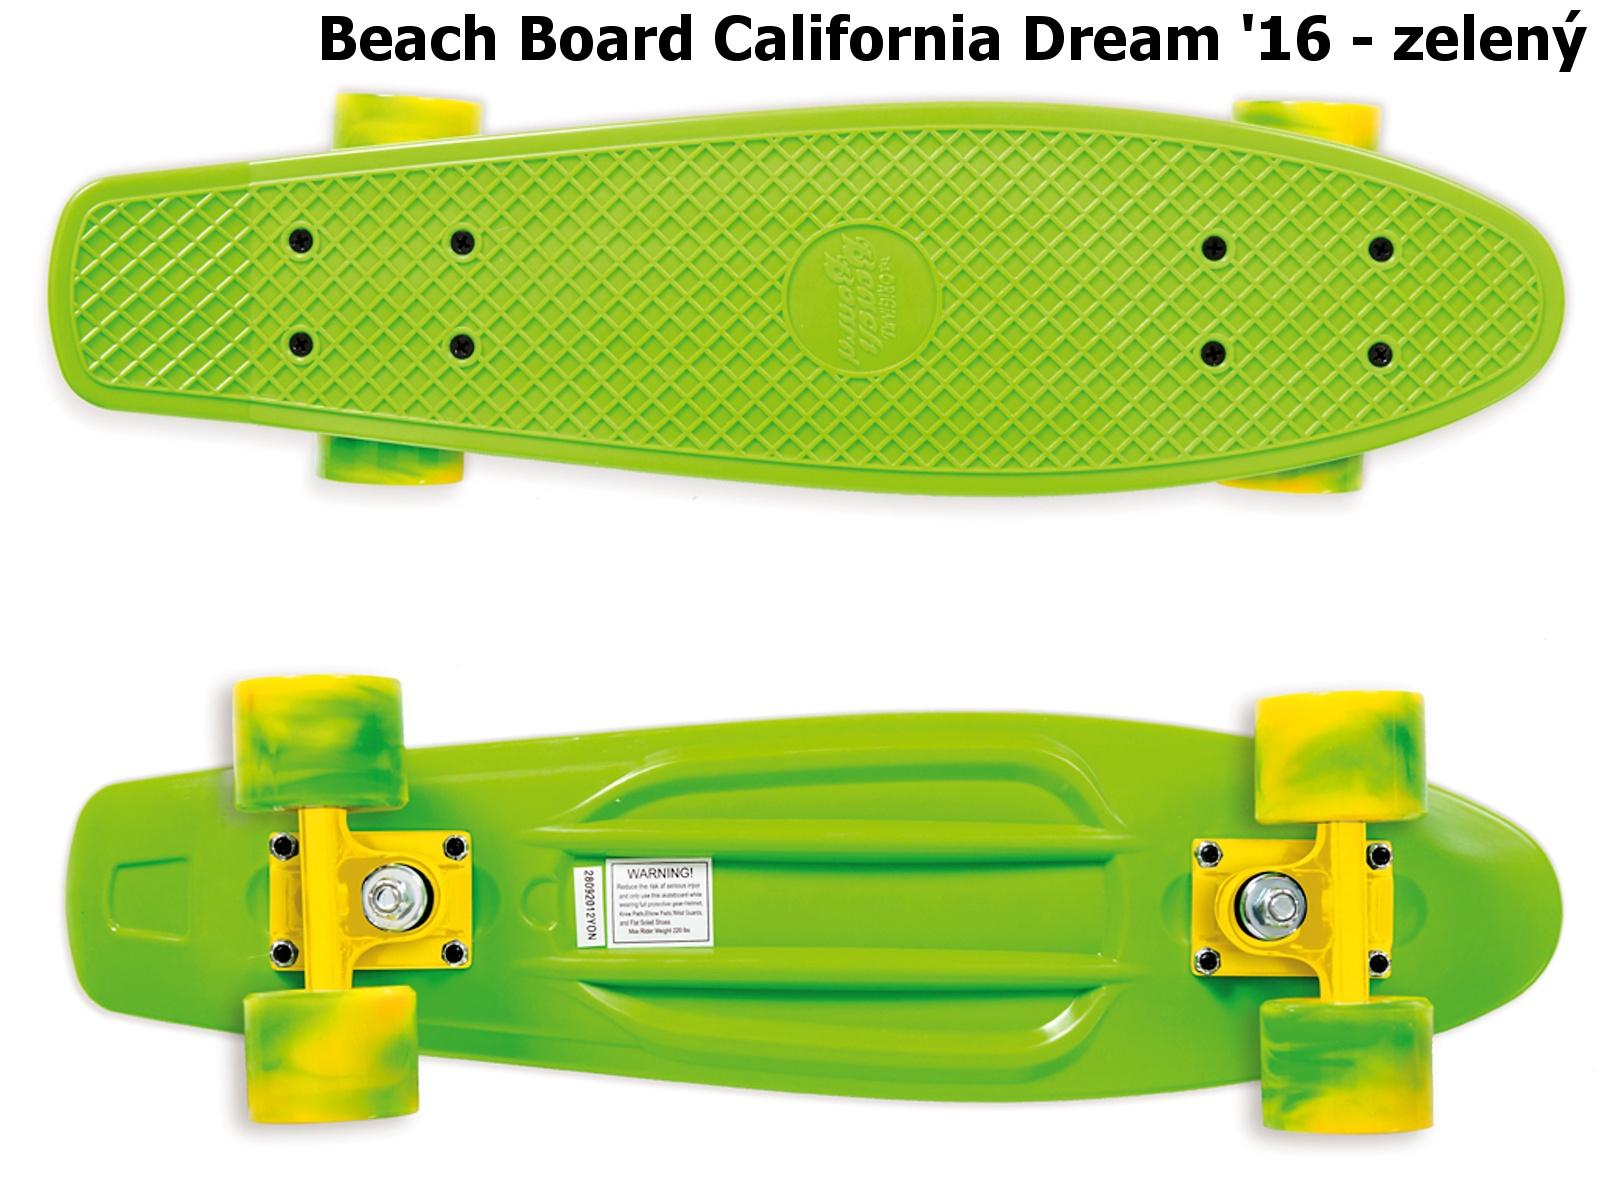 Skateboard STREET SURFING Beach Board '16